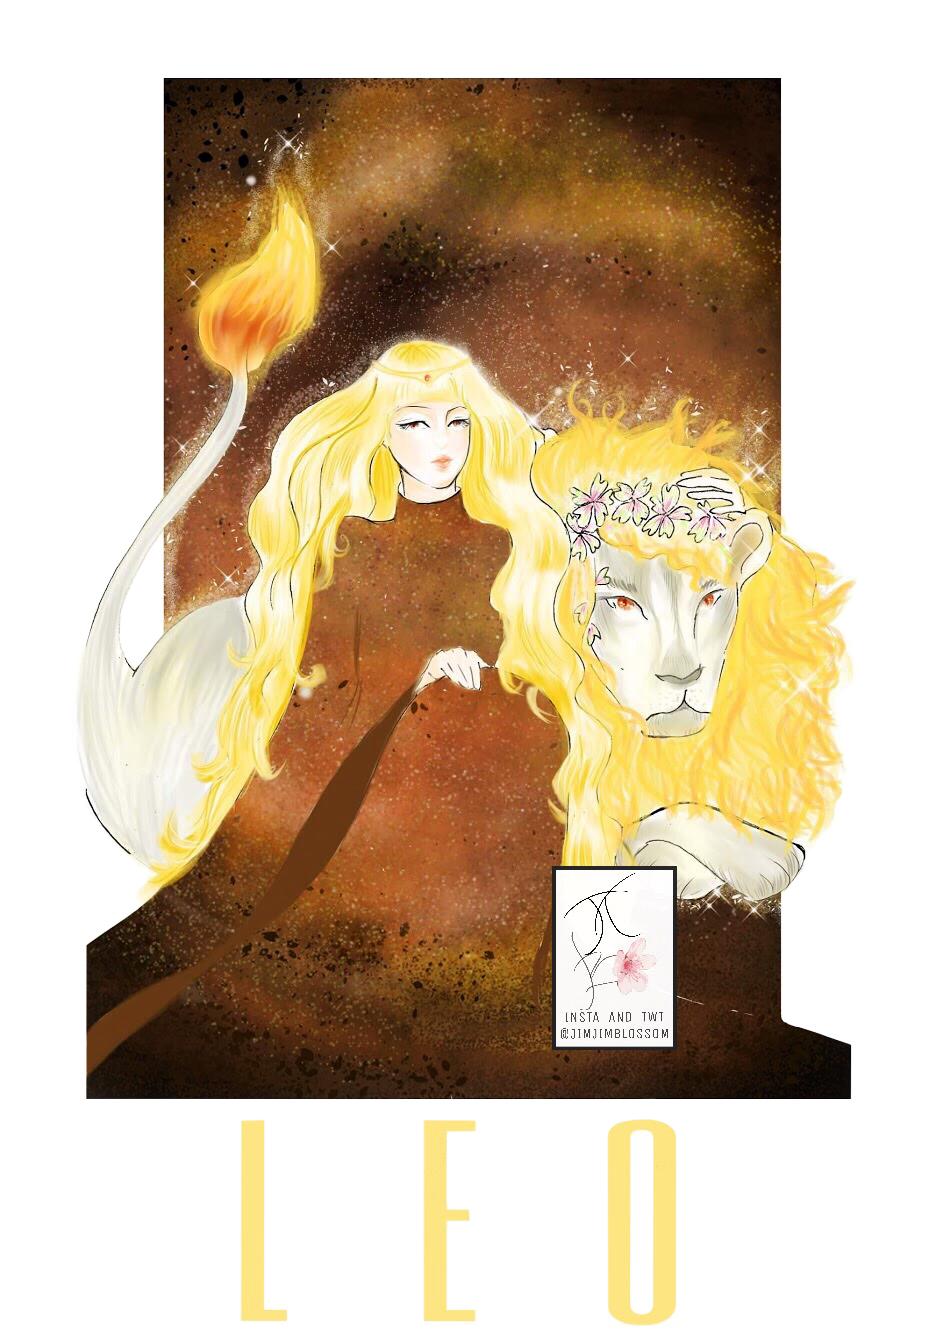 Cô gái tóc vàng ngồi cạnh con sư tử